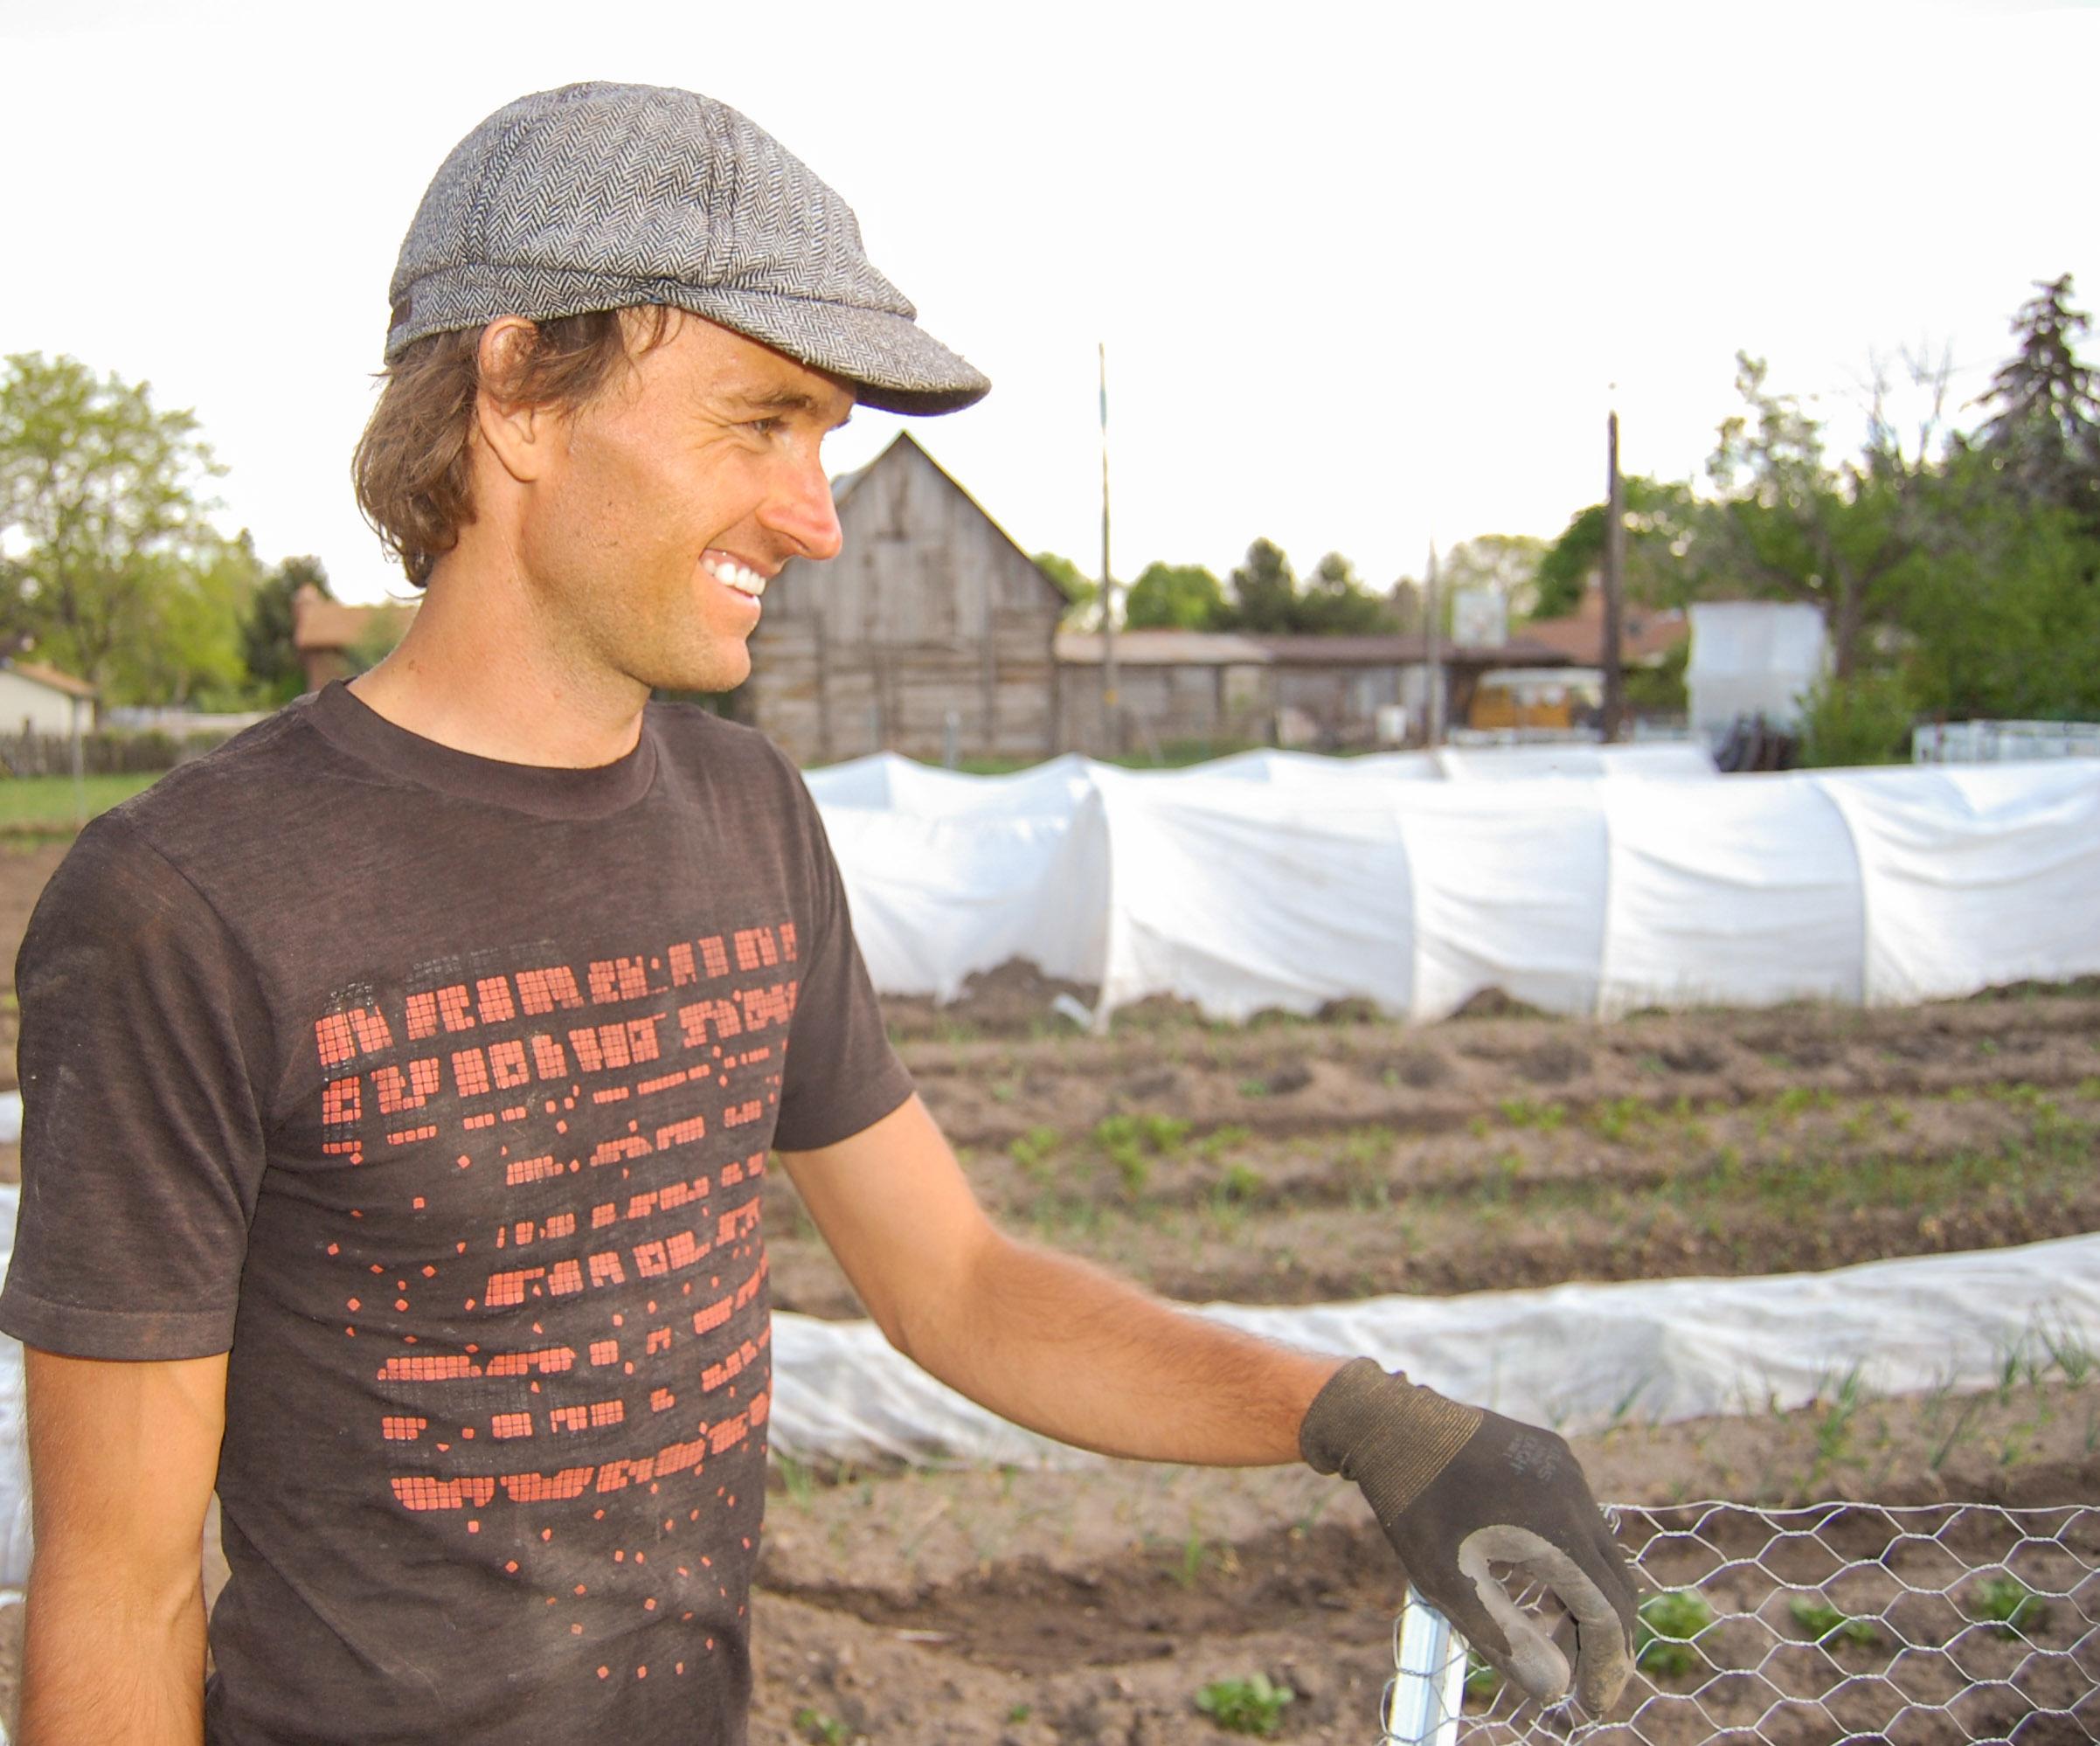 Meet Farmer Dave